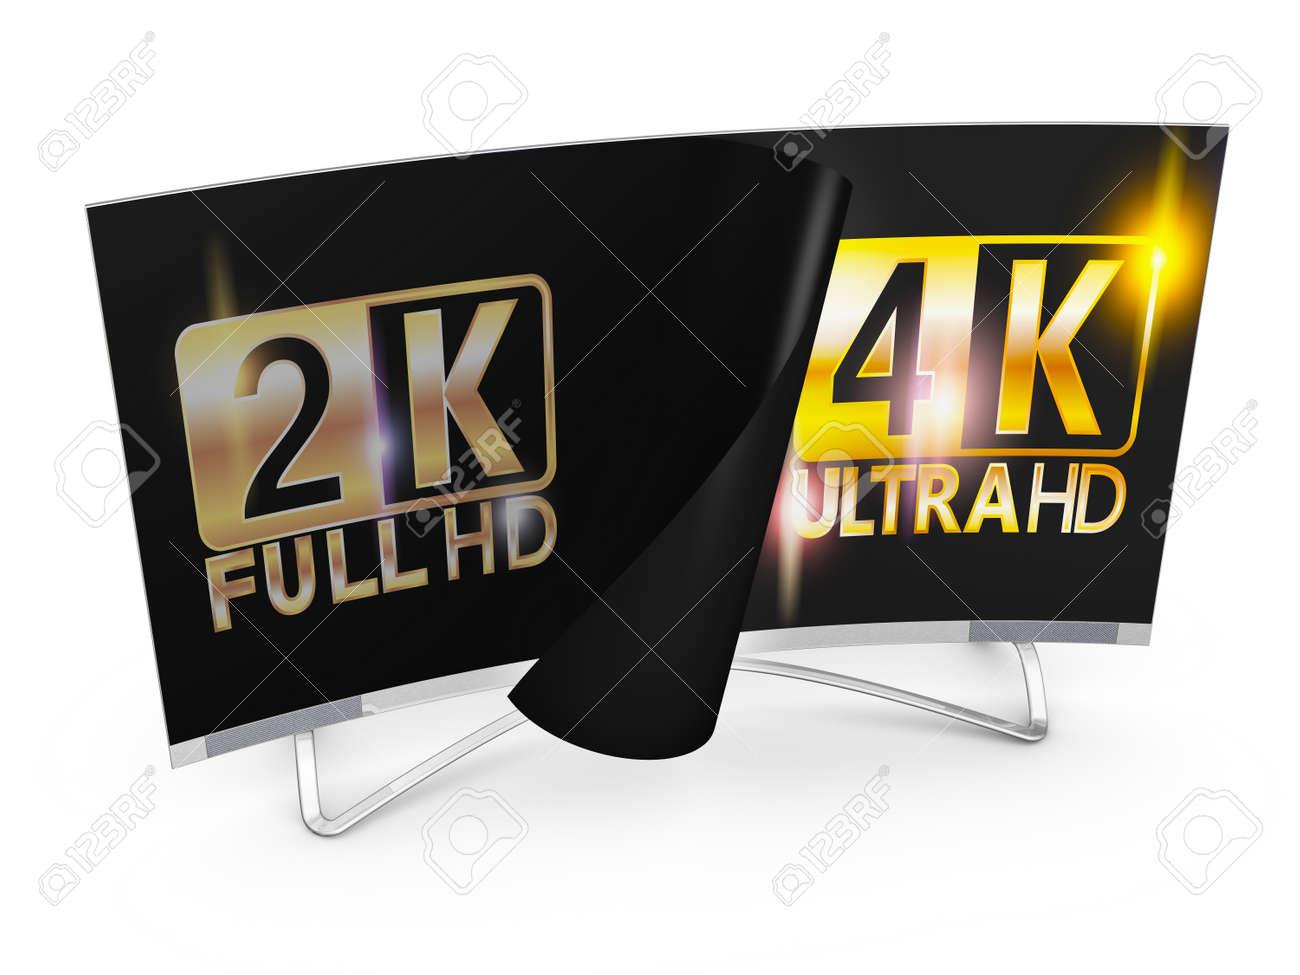 Fullsize Of 2k Vs 4k